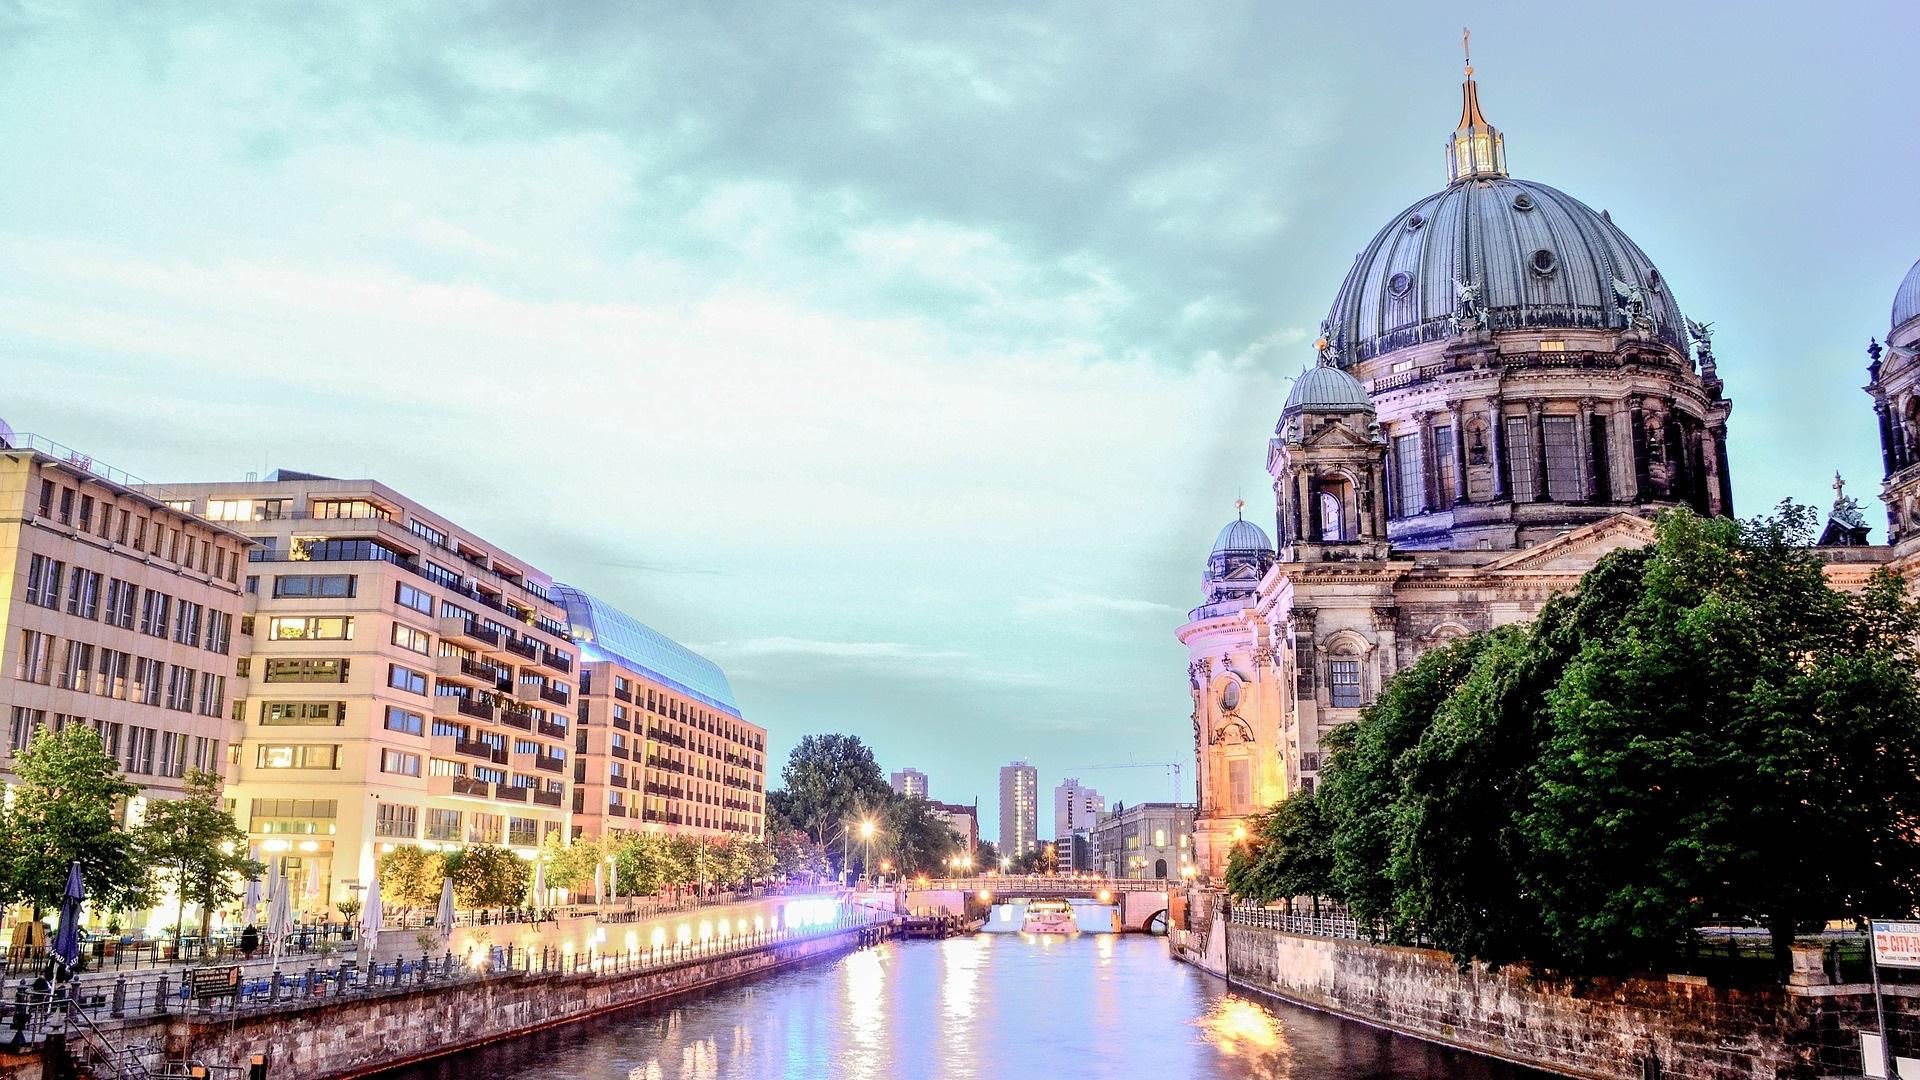 Берлин, Германия<br /> <br /> Тази година в Берлин ще бъде отбелязана 30-та годишнина от падането на берлинската стена, а културният календар на германската столица ще отрази възраждането след обединението. Това само ще допълни богата палитра от исторически значими събития, свързани с града.